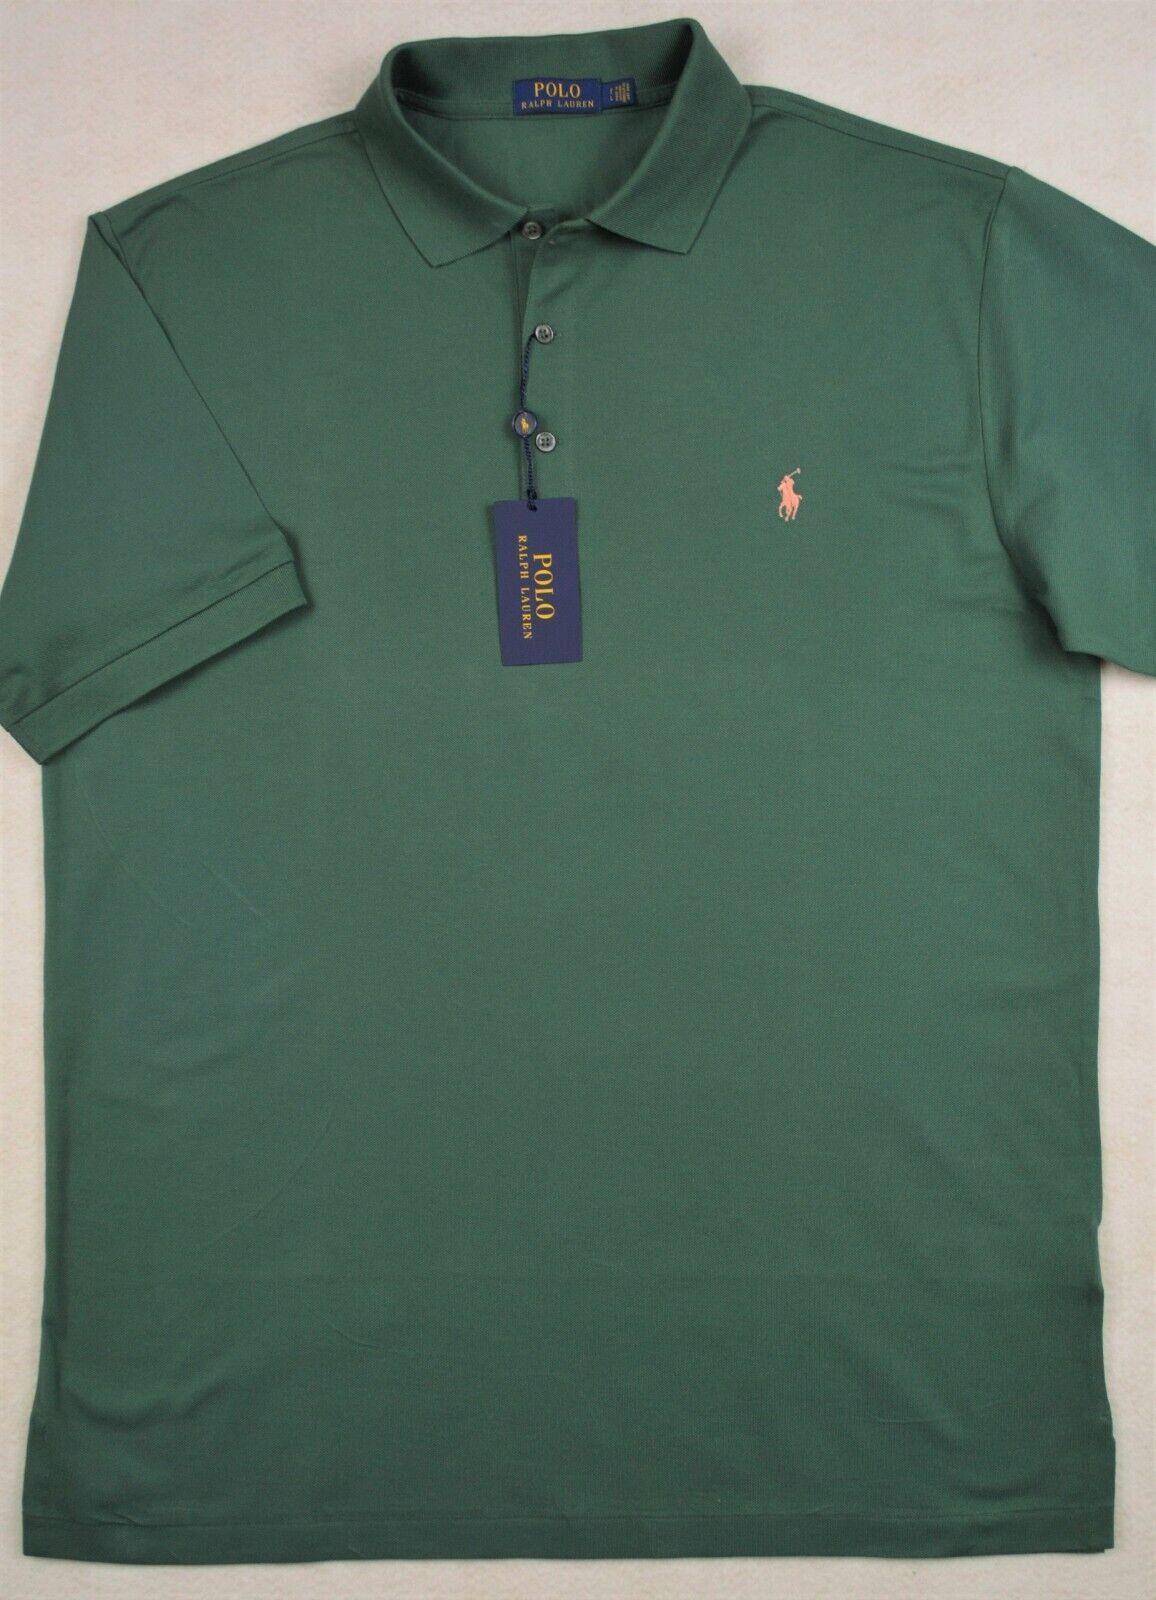 Polo Ralph Lauren Shirt Green 3-Button Stretch Mesh XLT XL Tall NWT